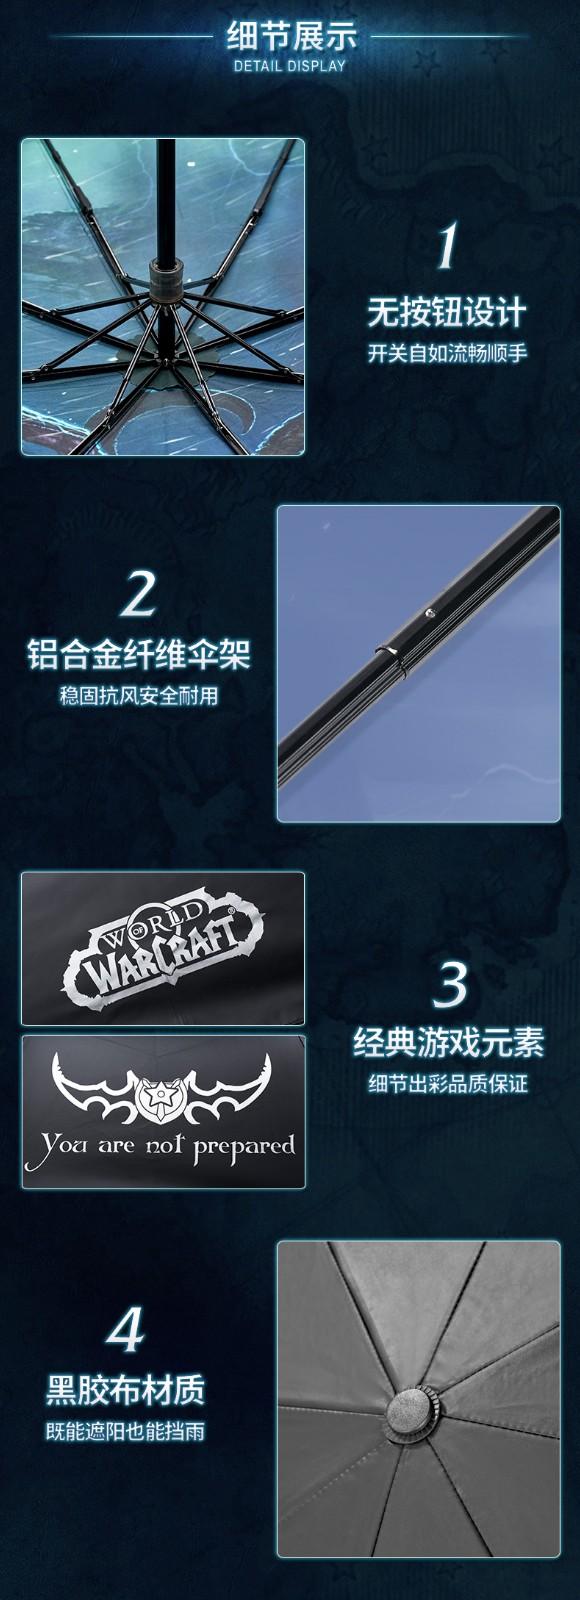 《魔兽世界》官方恶魔猎手伊利丹雨伞 售价128元